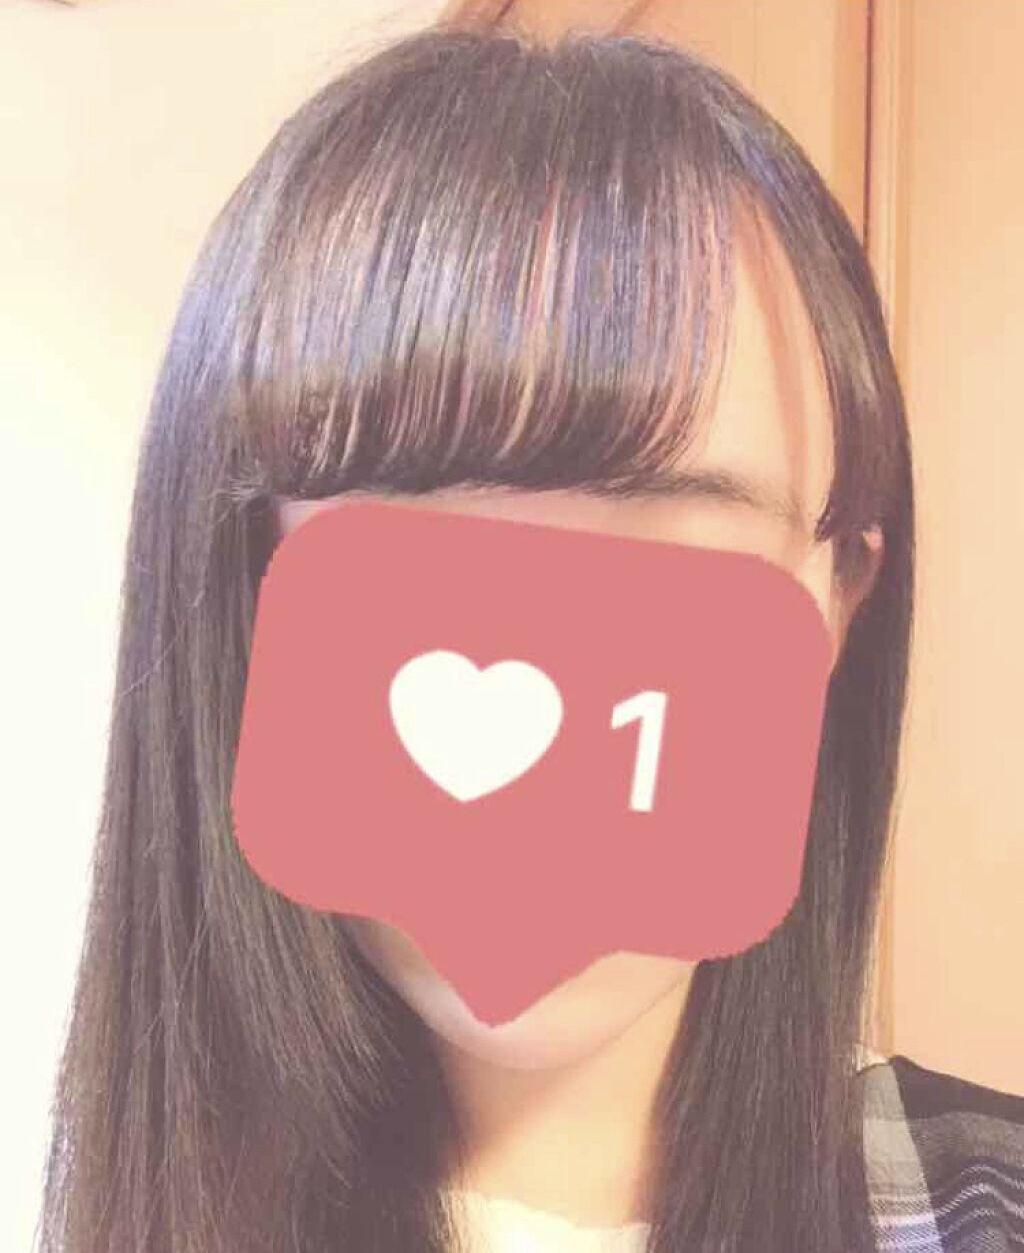 「ふんわりシースルー&くるん前髪を作るなら♡おすすめ最強ヘアキープアイテムを集めました!」の画像(#83906)